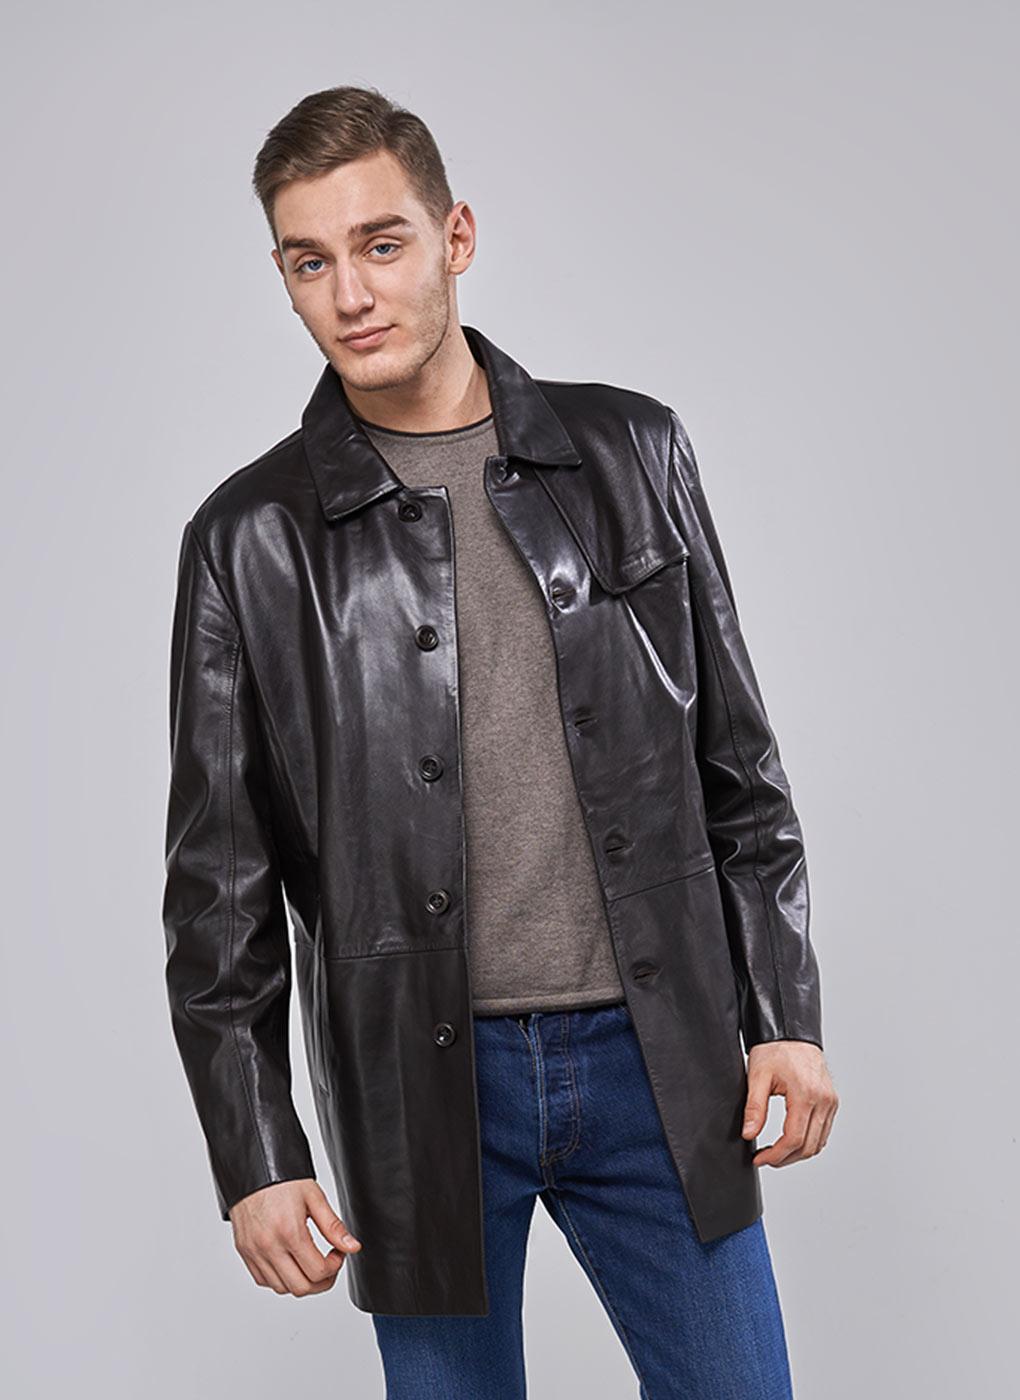 Кожаная куртка мужская утепленная 21, PERRE фото